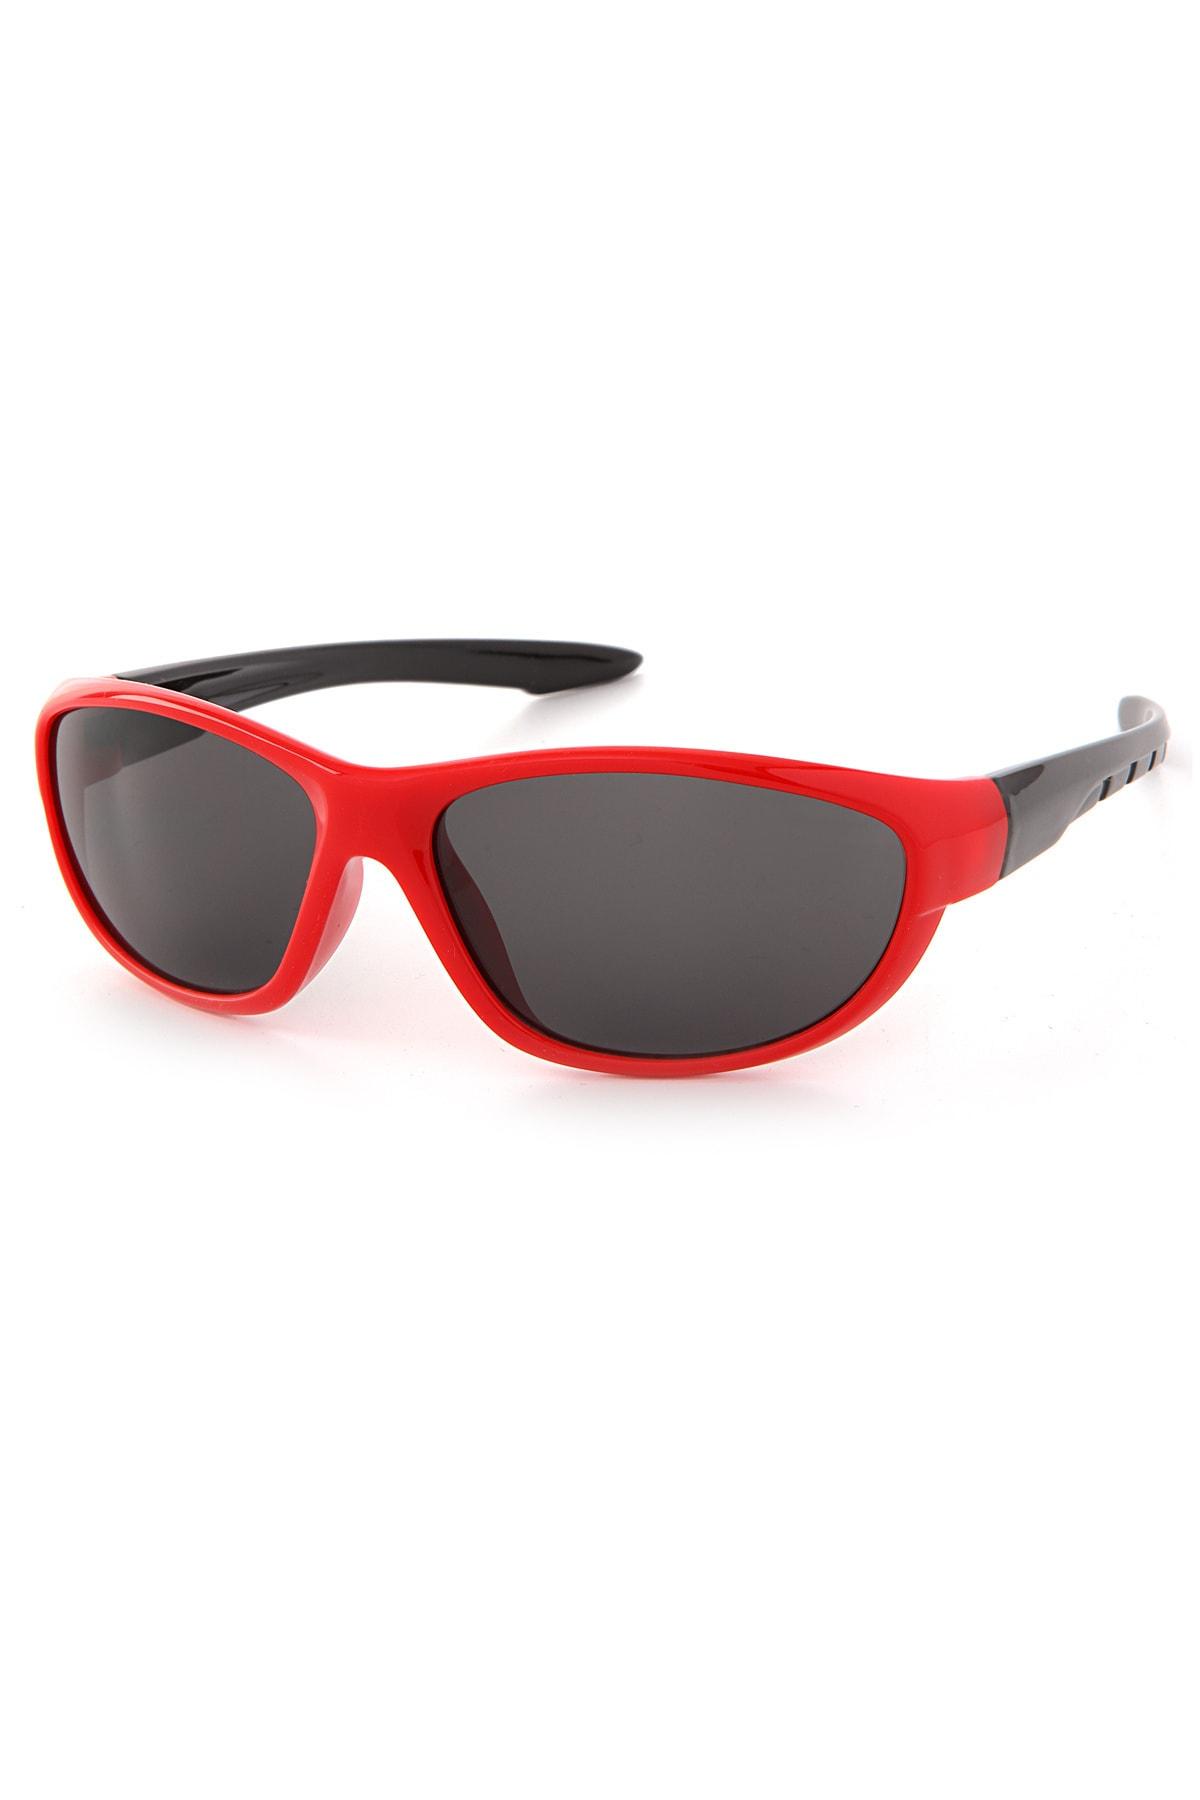 خرید مستقیم عینک آفتابی جدید برند Luis Polo رنگ قرمز ty43239499